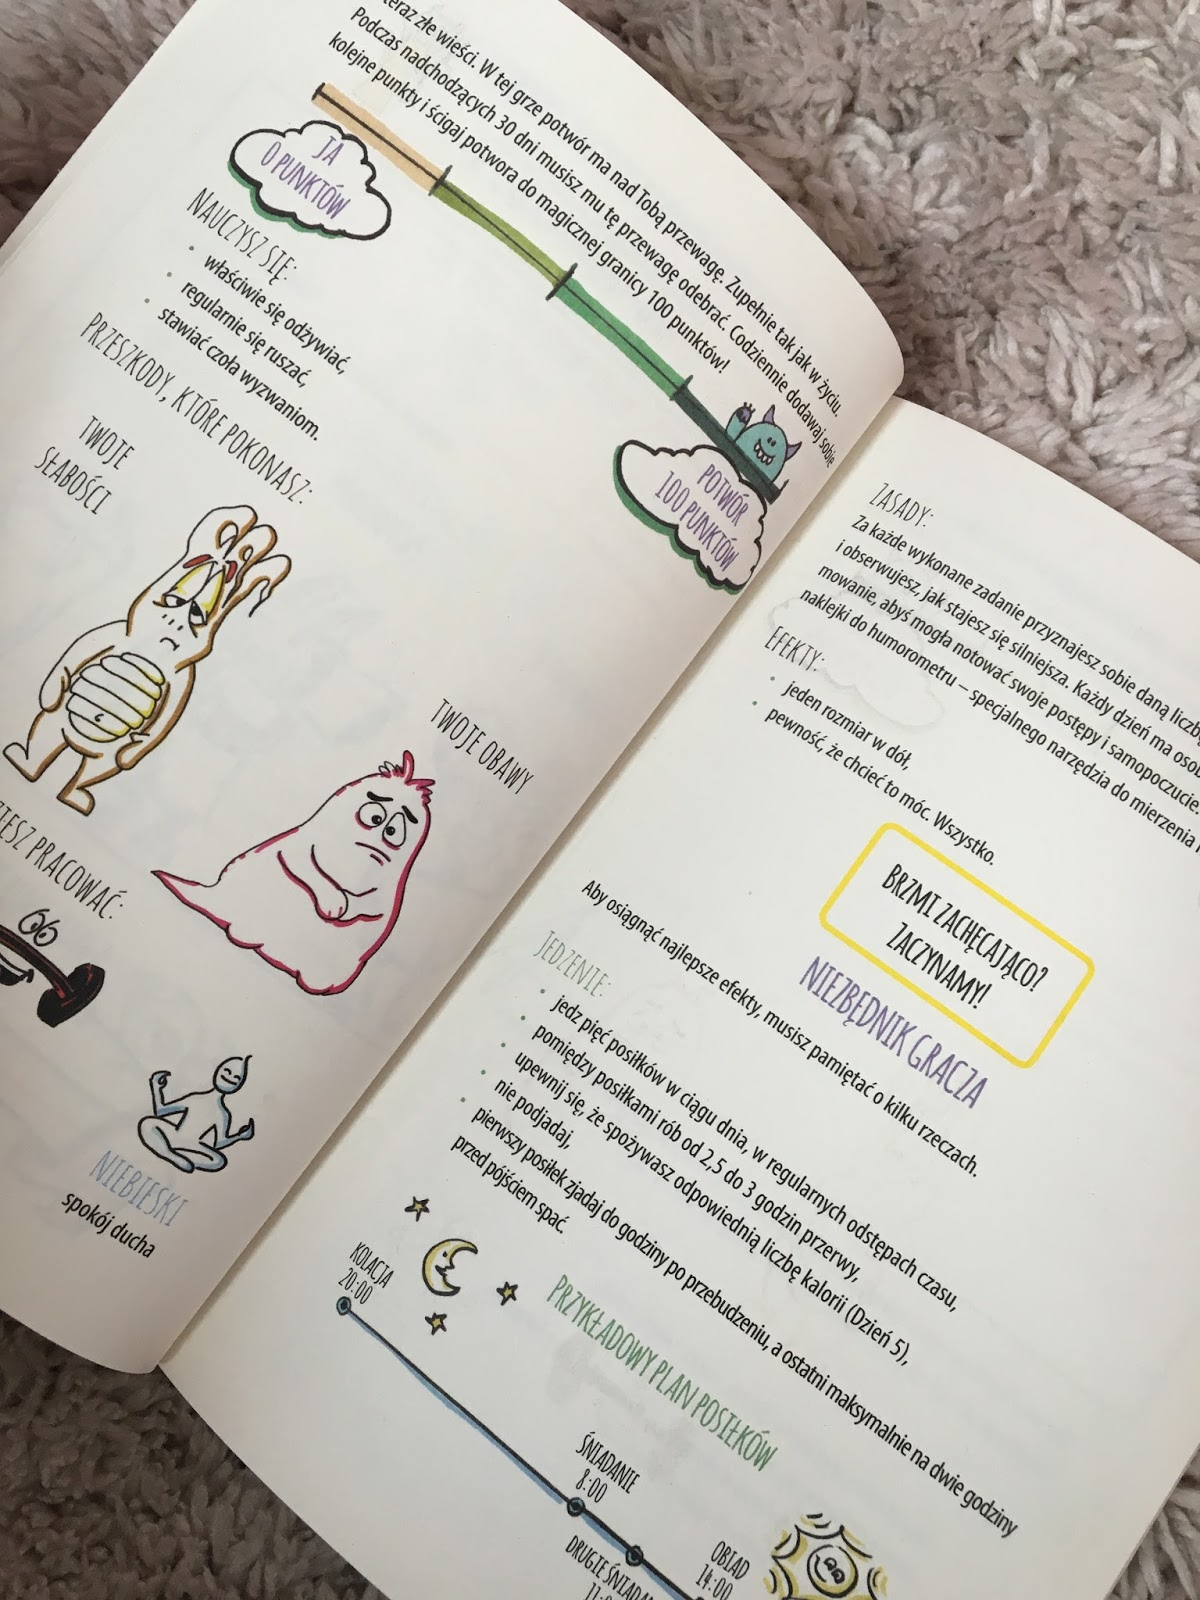 In Love With Books 185 To Nie Jest Dieta Anna Wilczo Glodna